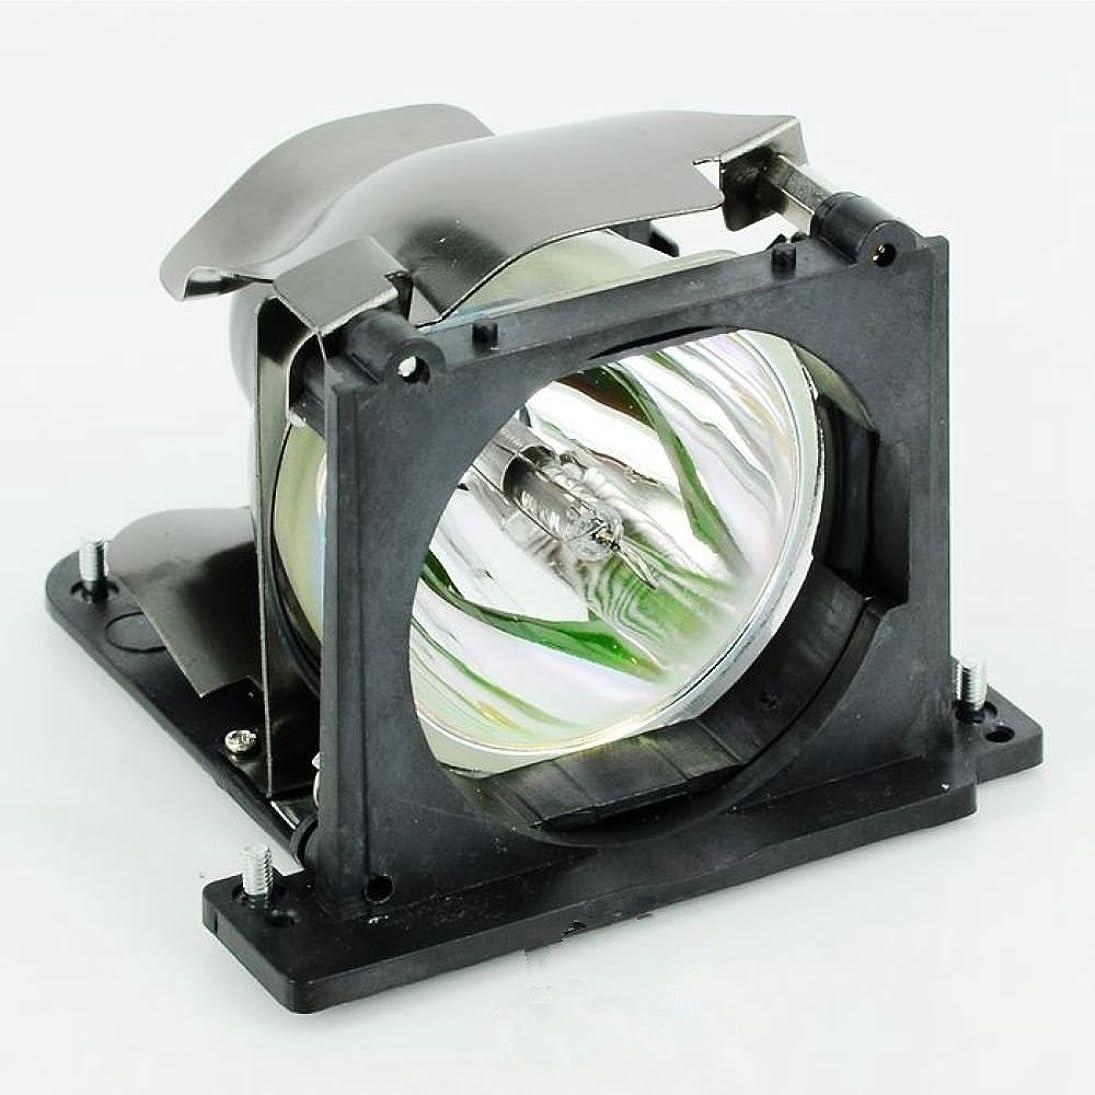 アセ想像力販売計画Supermait 310-5513 プロジェクター交換用ランプ 汎用 150日間安心保証つき適用機種: DELL 2300MP